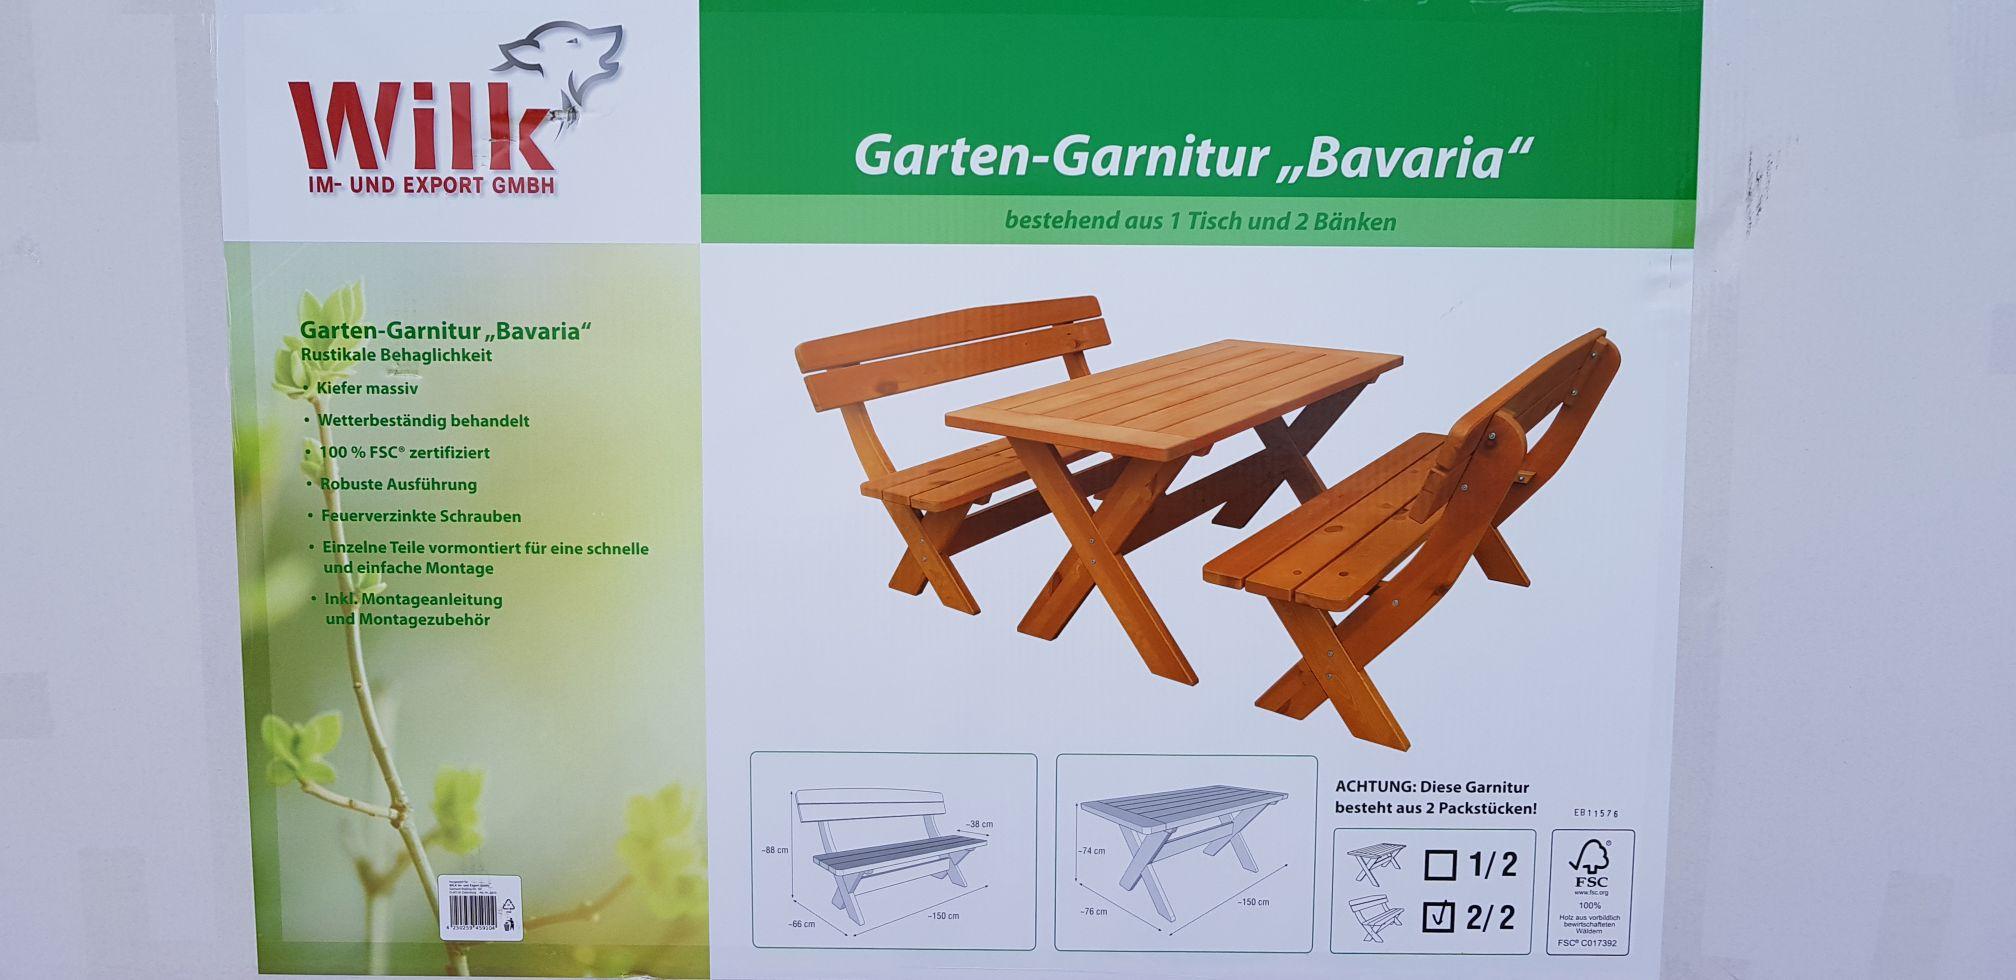 Gartenmöbel-Set Bavaria Kiefer 6-Sitzer 3-teilig braun  Bei Hornbach in Wilhelmshaven